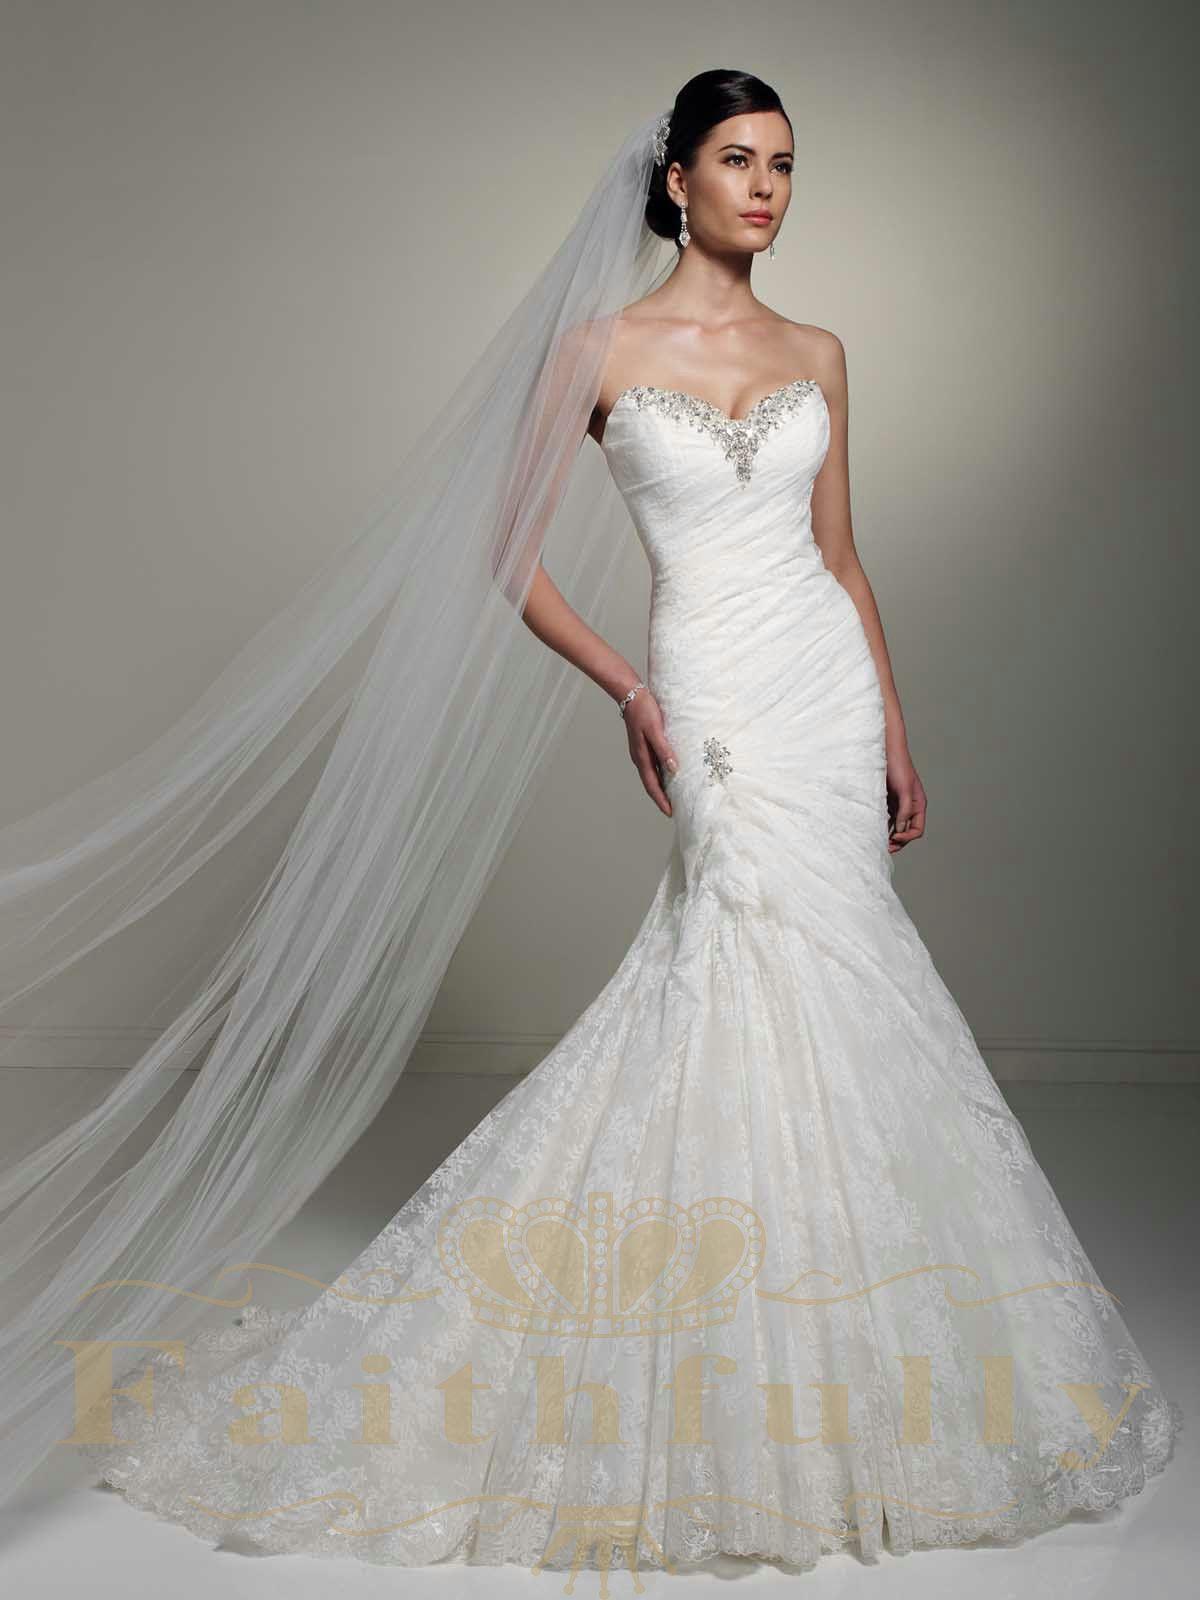 Bodice Wedding Dress Sweetheart Corset Back Beaded Sequins